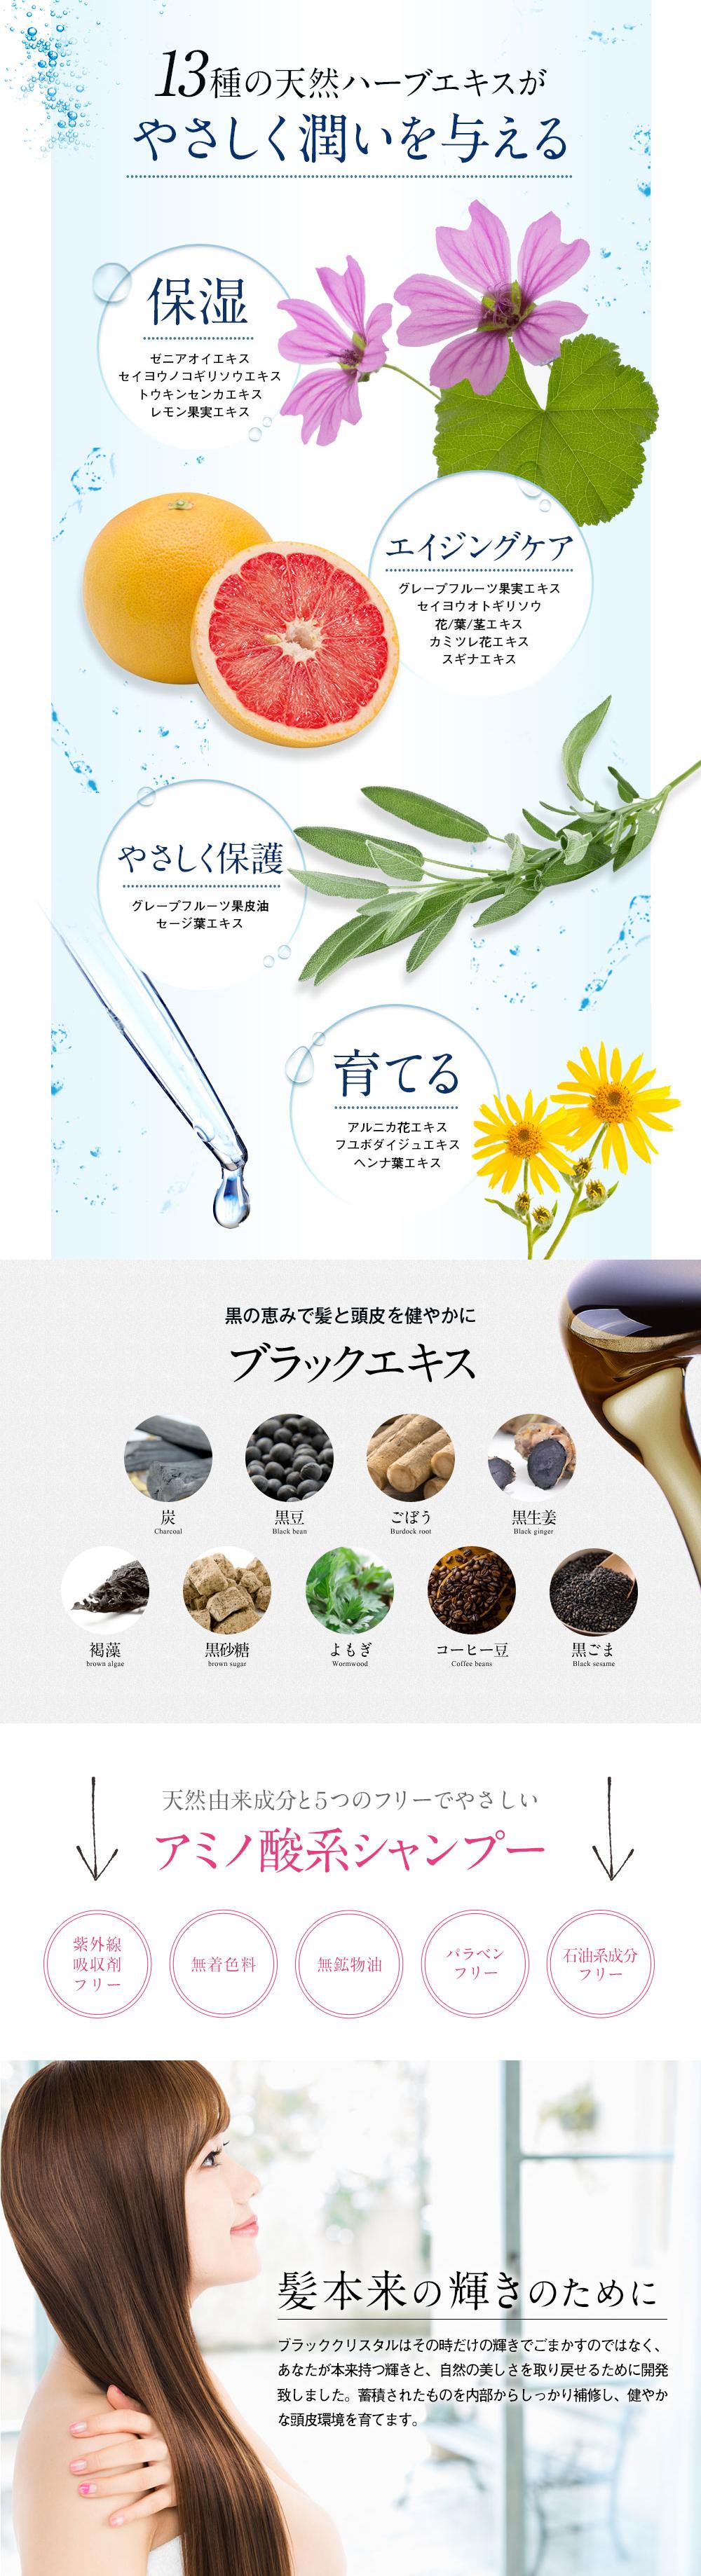 ヘマチン・フルボ酸配合のノンシリコンシャンプー/髪と地肌にやさしいアミノ酸シャンプー/3種のコラーゲン成分配合/haru愛用の方にもおすすめ/10種類の天然エキス配合